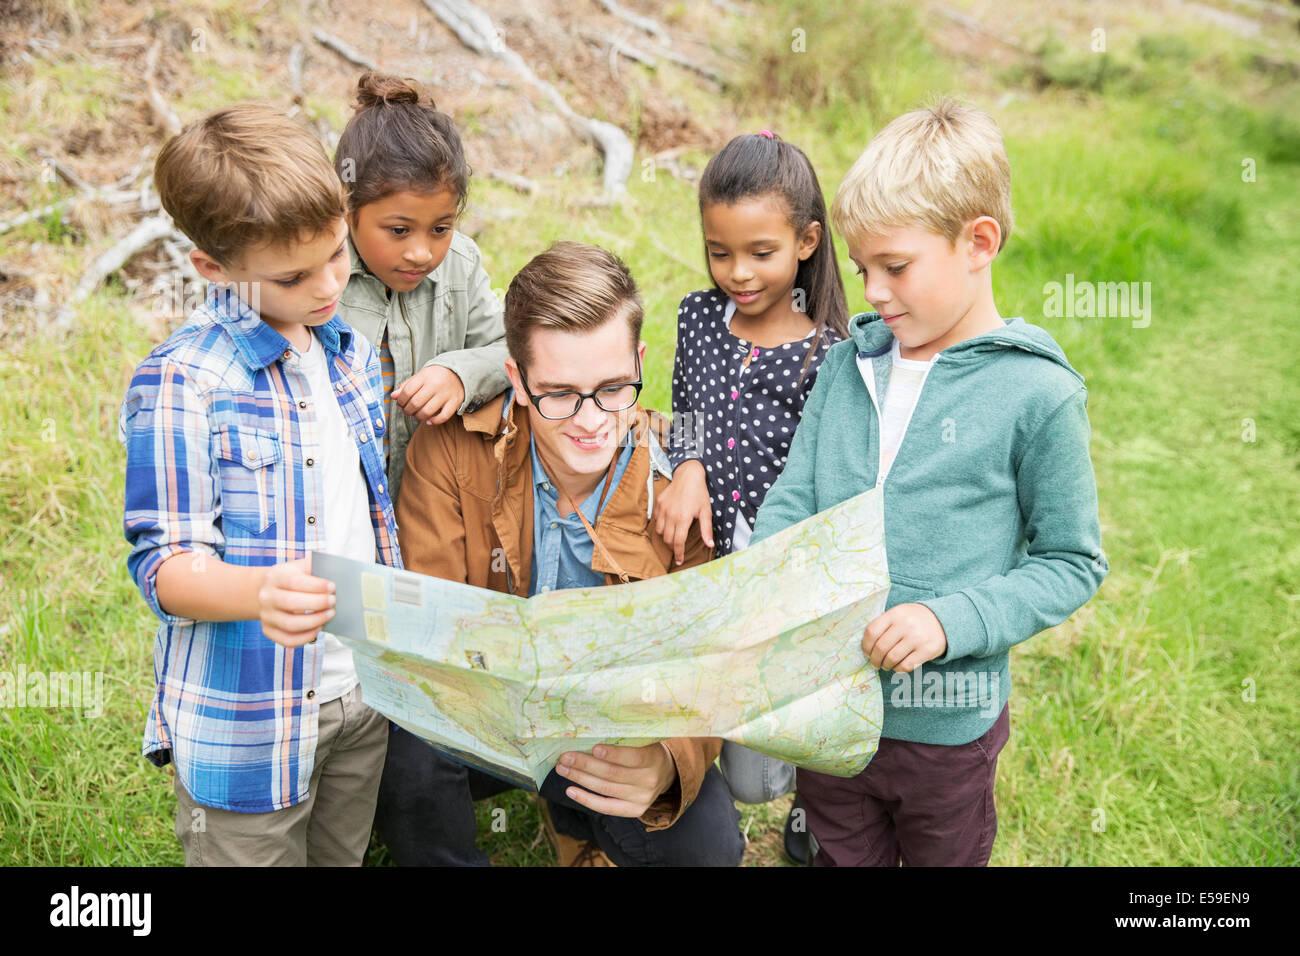 Los alumnos y el profesor leer mapa al aire libre Imagen De Stock